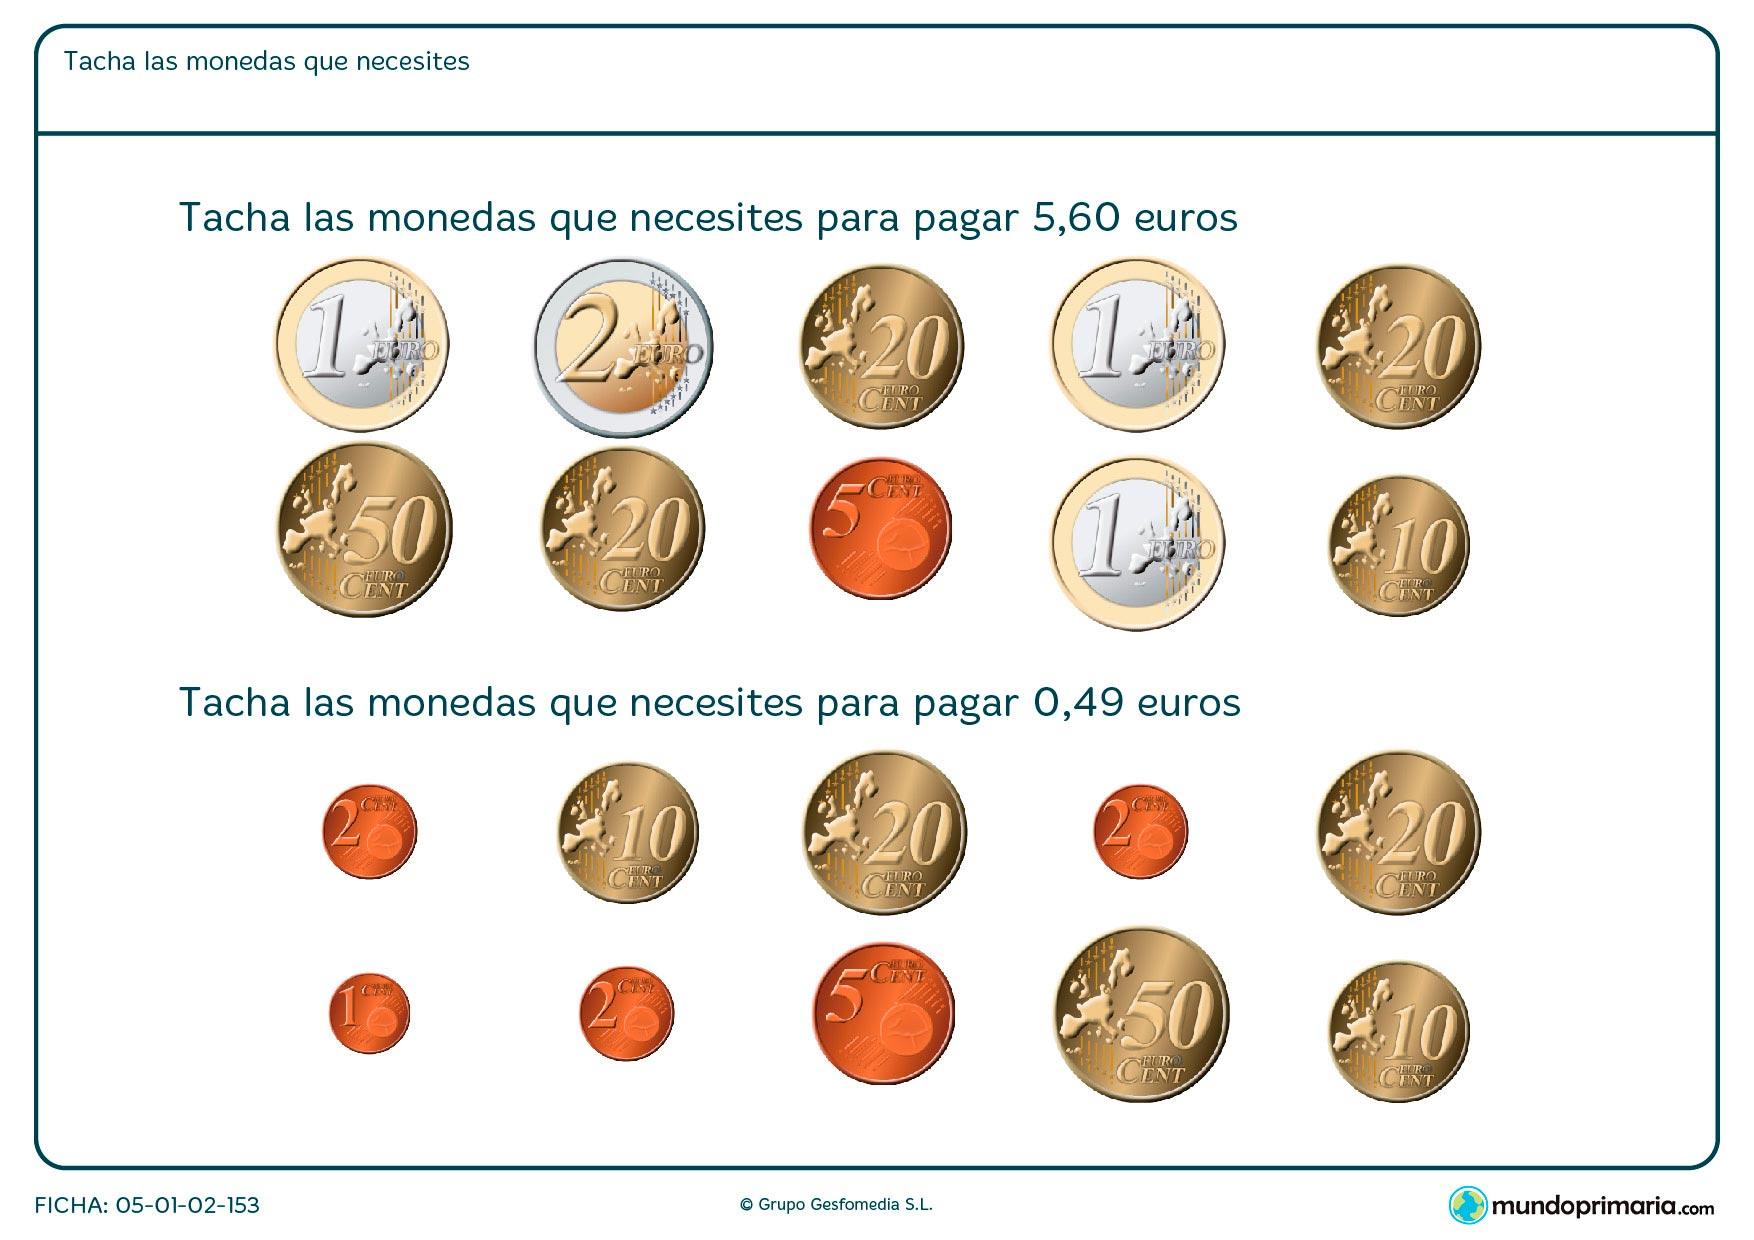 Rodear las monedas que aparecen para que todas ellas sumen el dinero que se pide en euros.